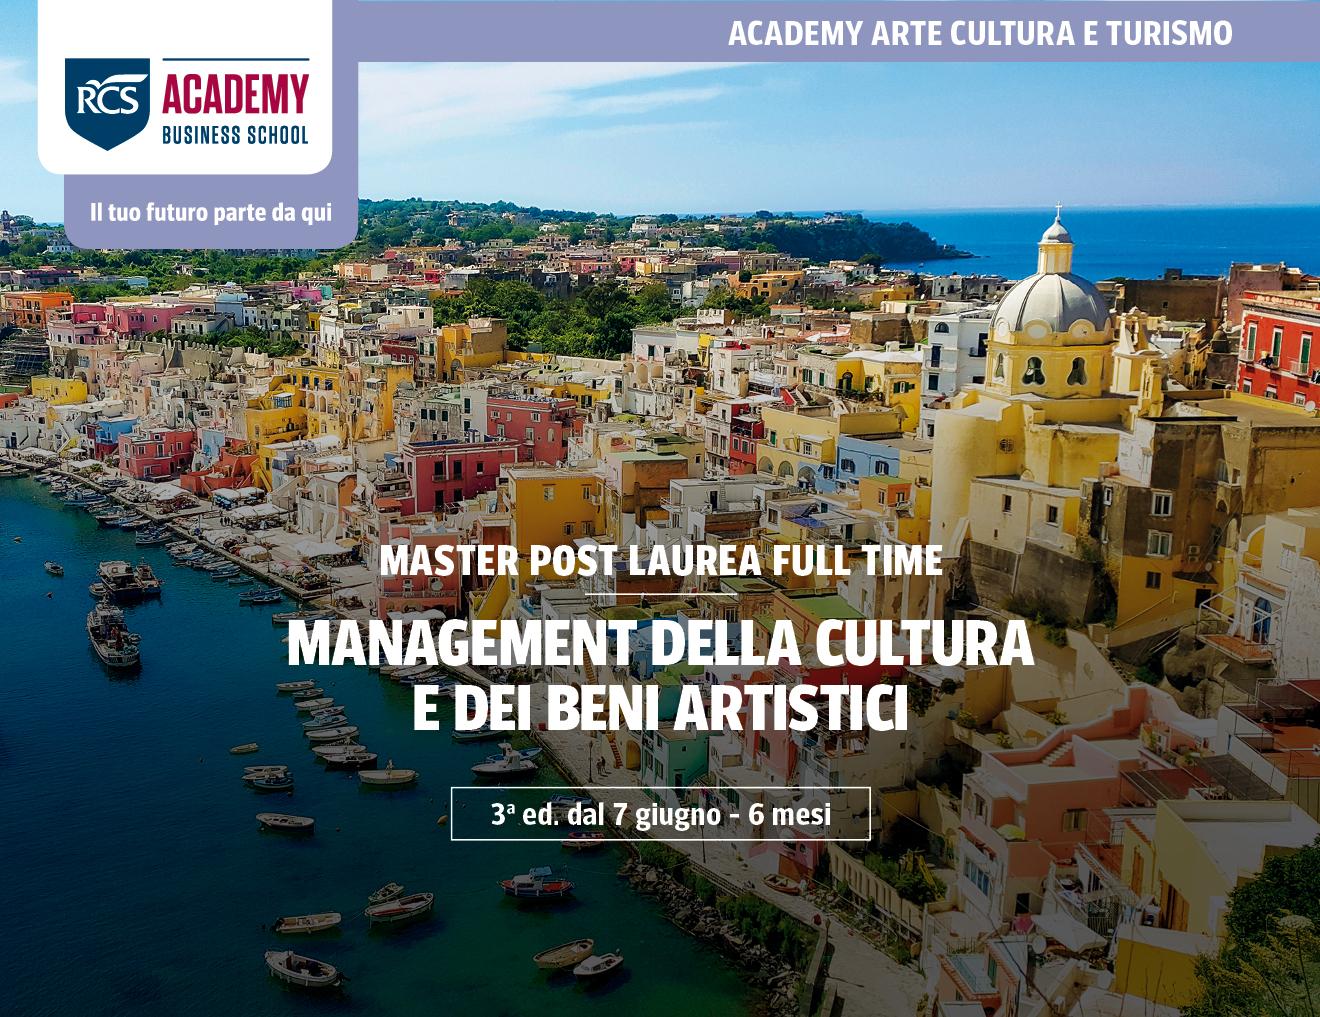 Lavorare nell'arte, valorizzare la cultura. A giugno inizia il master in Management della Cultura e dei Beni Artistici di Rcs Academy